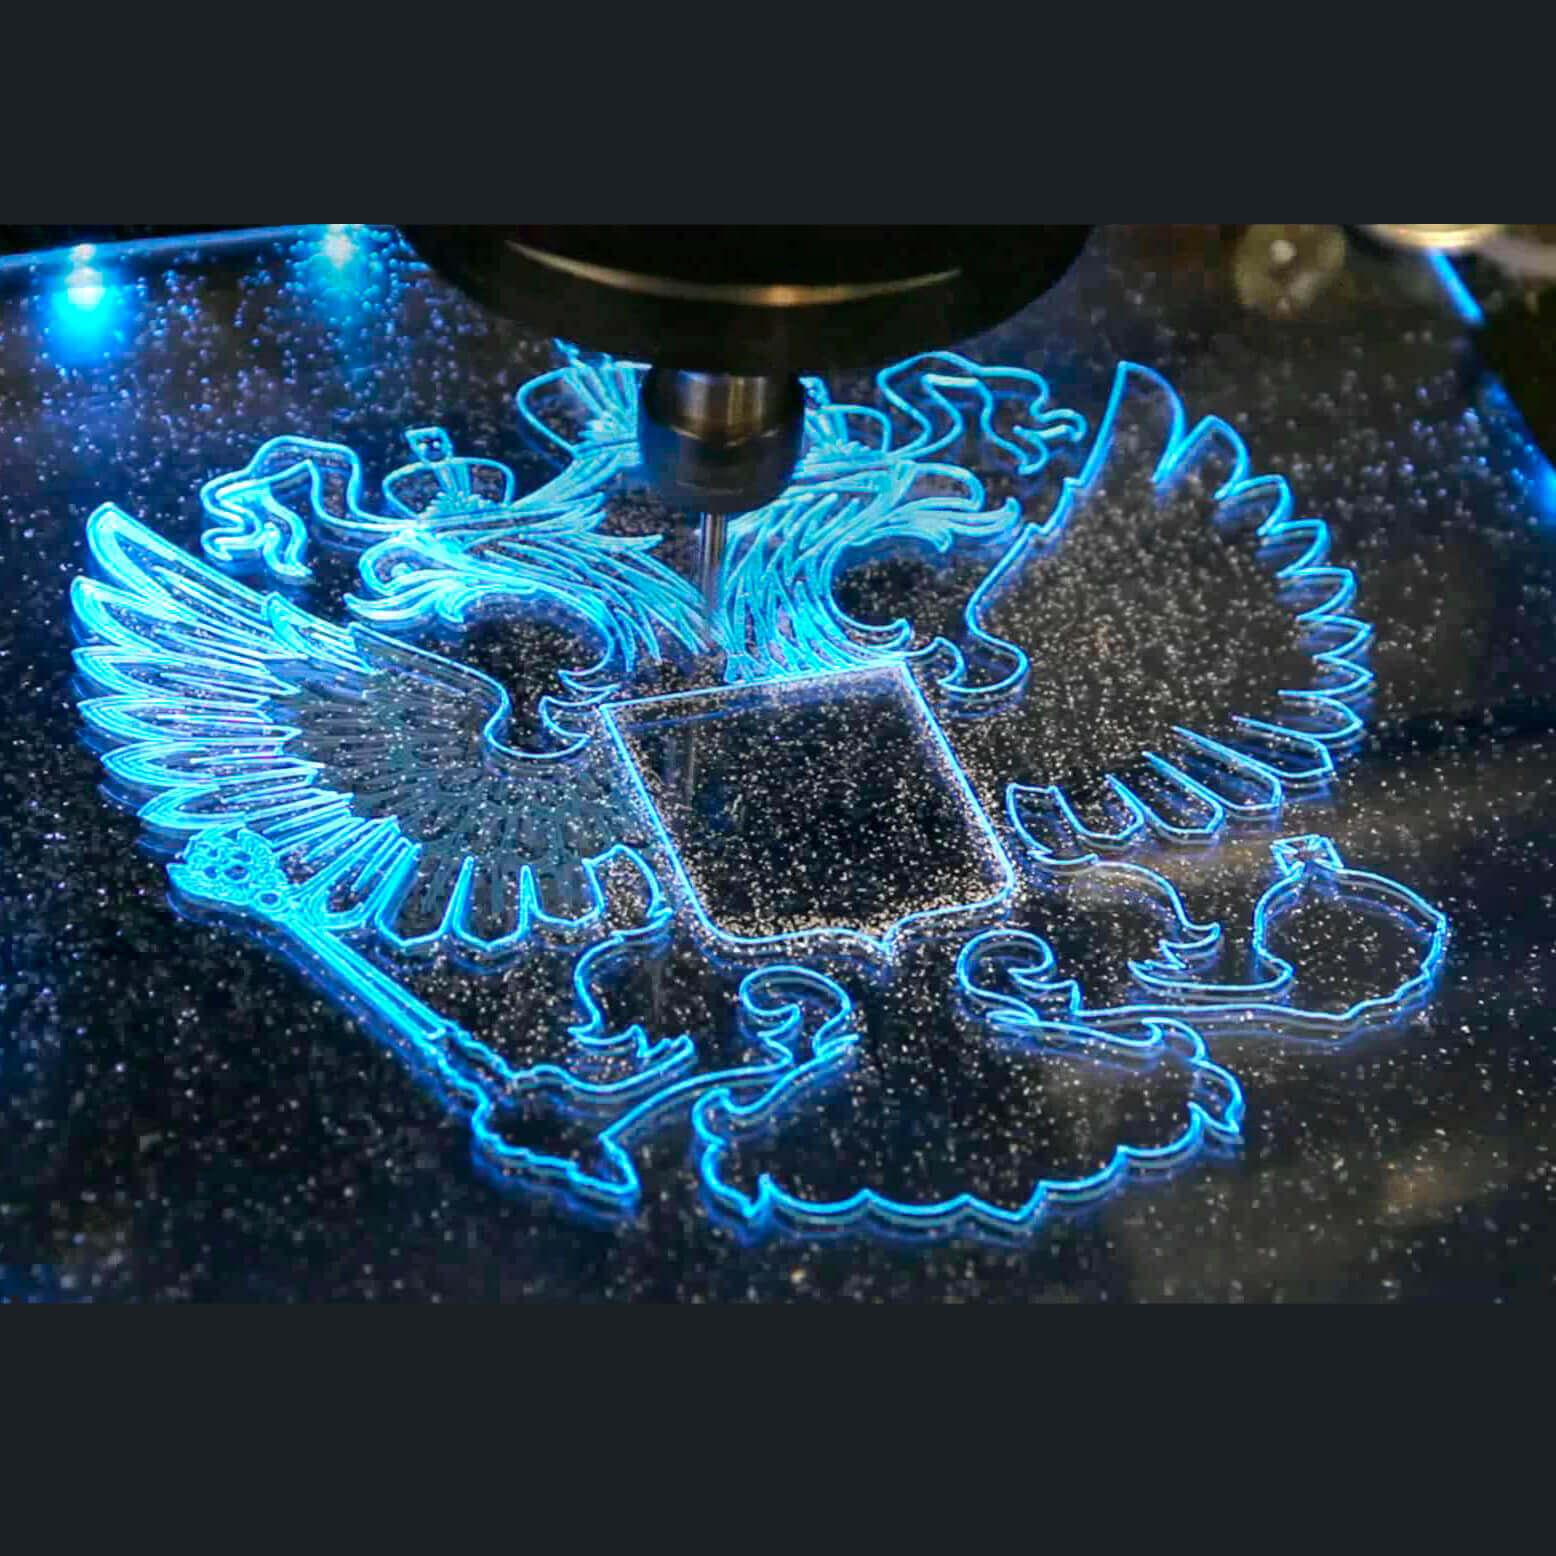 Станок лазерной резки и гравировки своими руками на основе «arduino» - zetsila